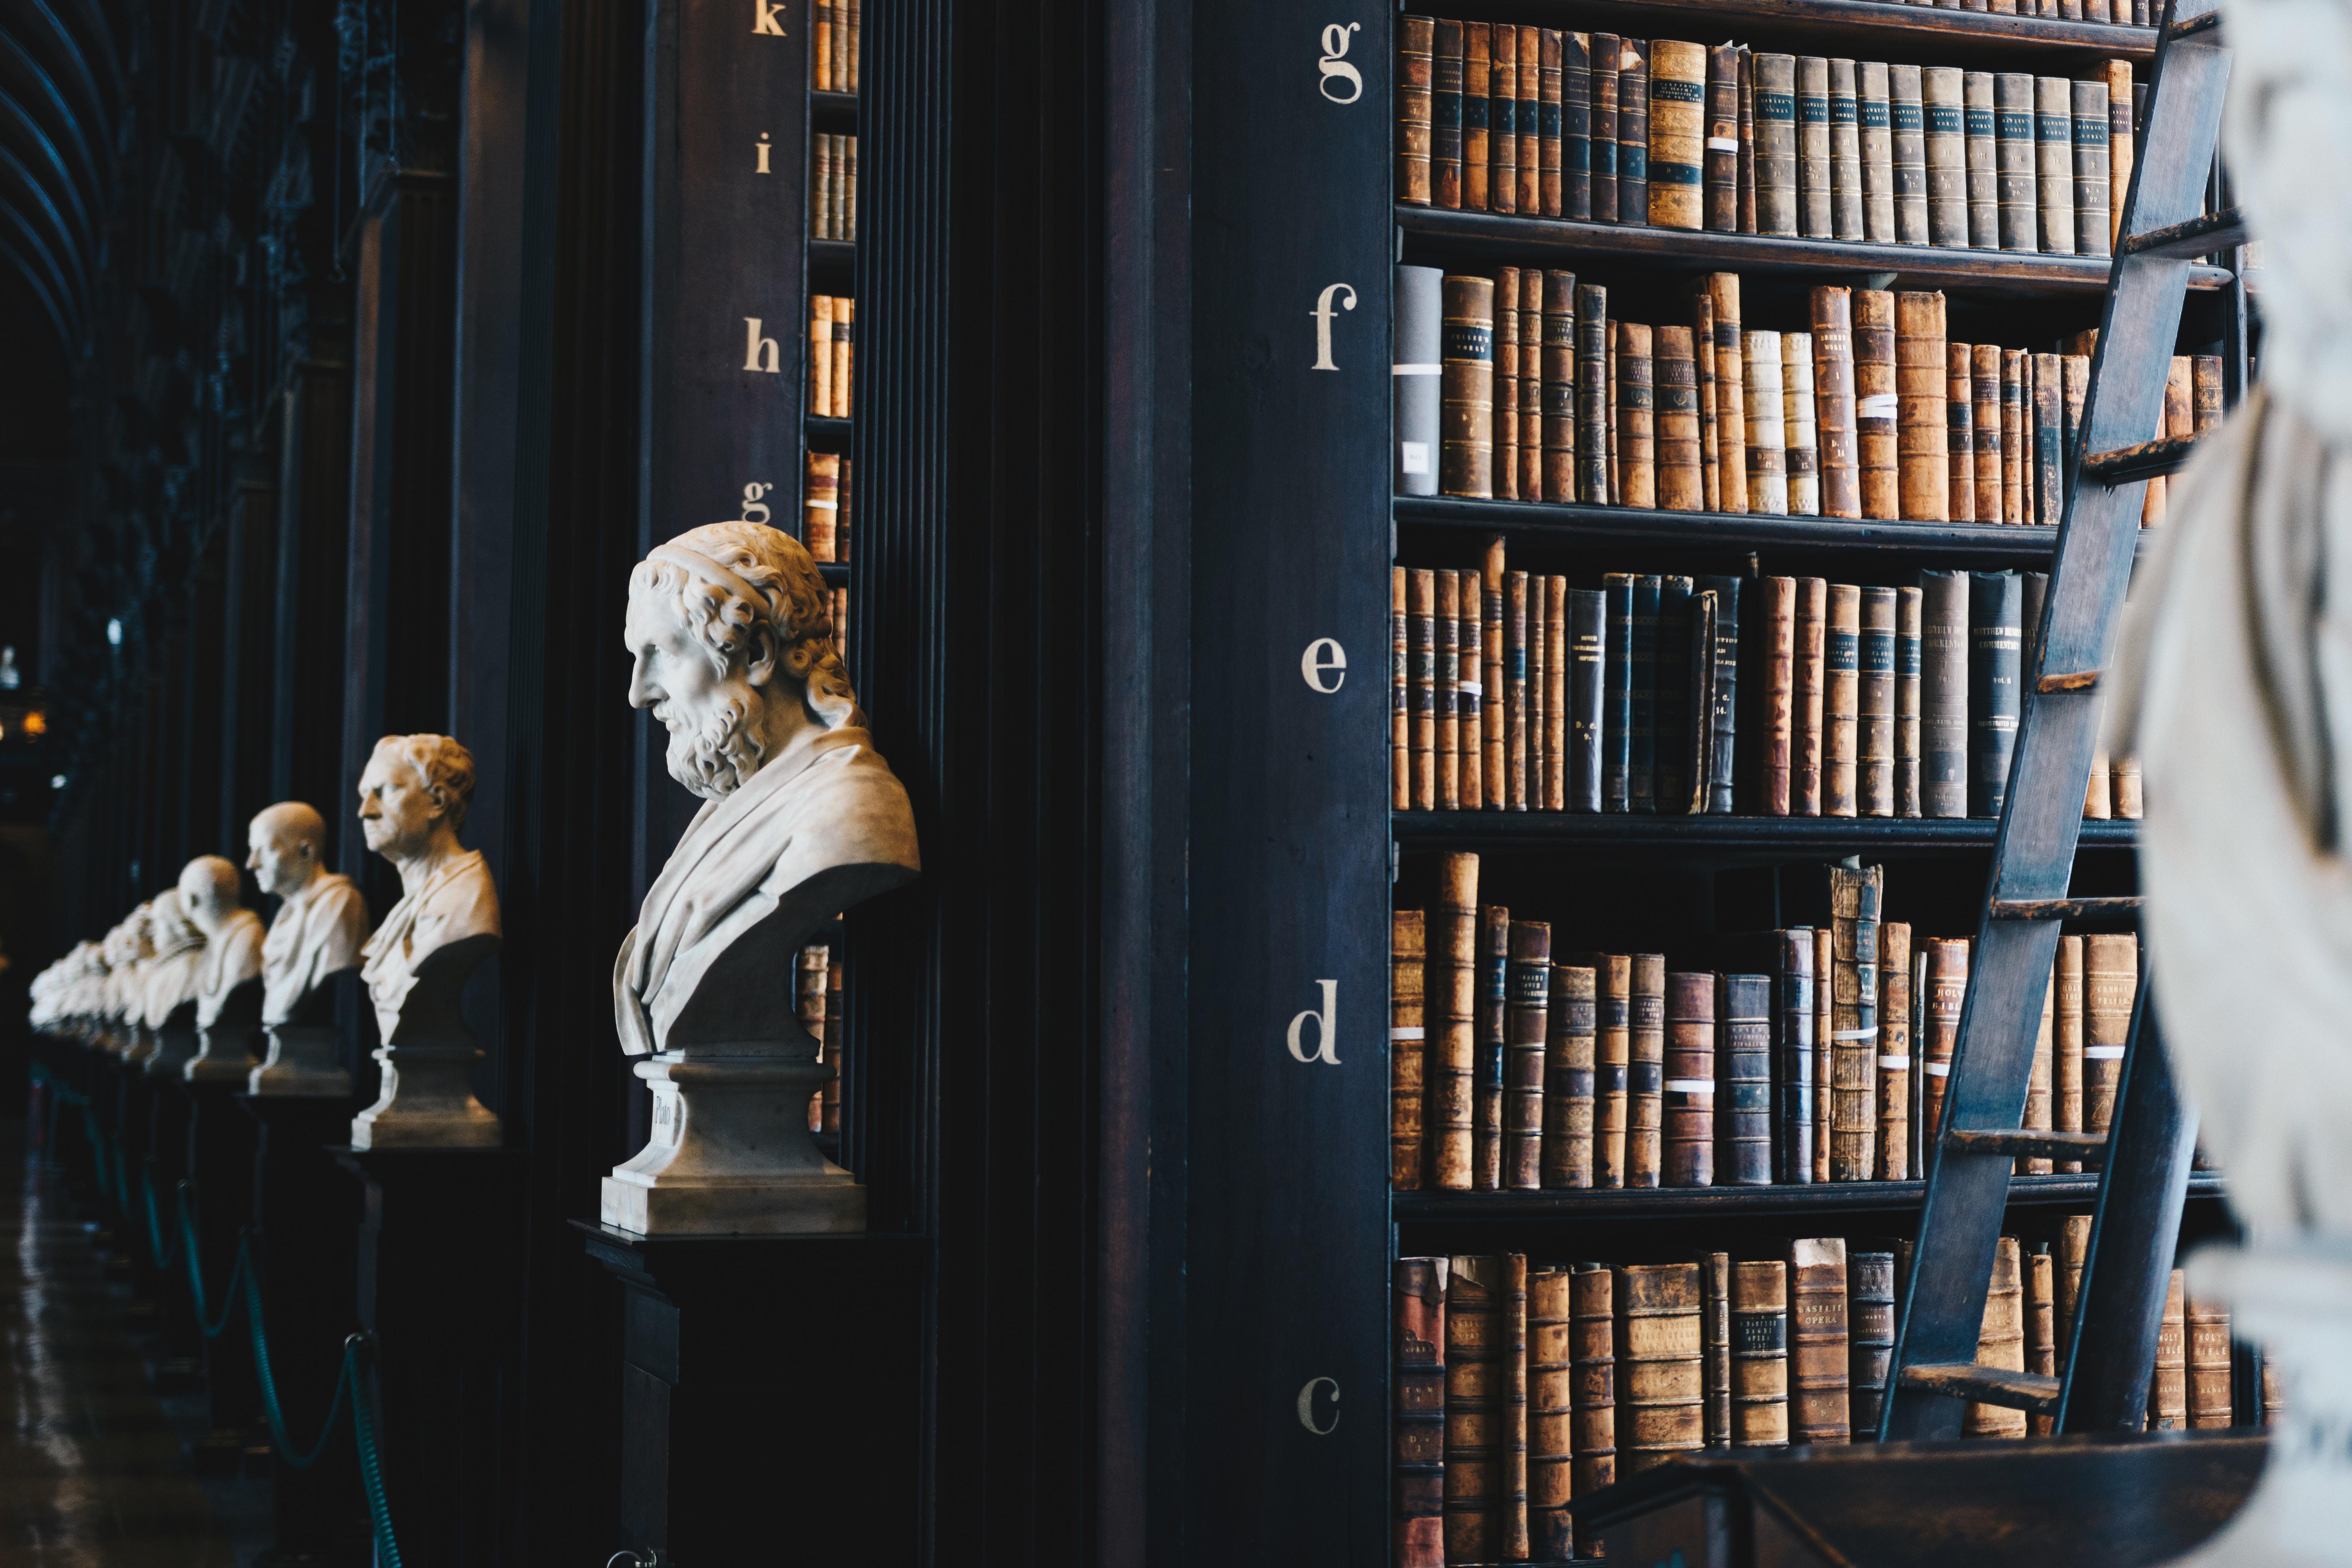 Oficina De Inovação E Criatividade Com Associação Catarinense De Bibliotecários